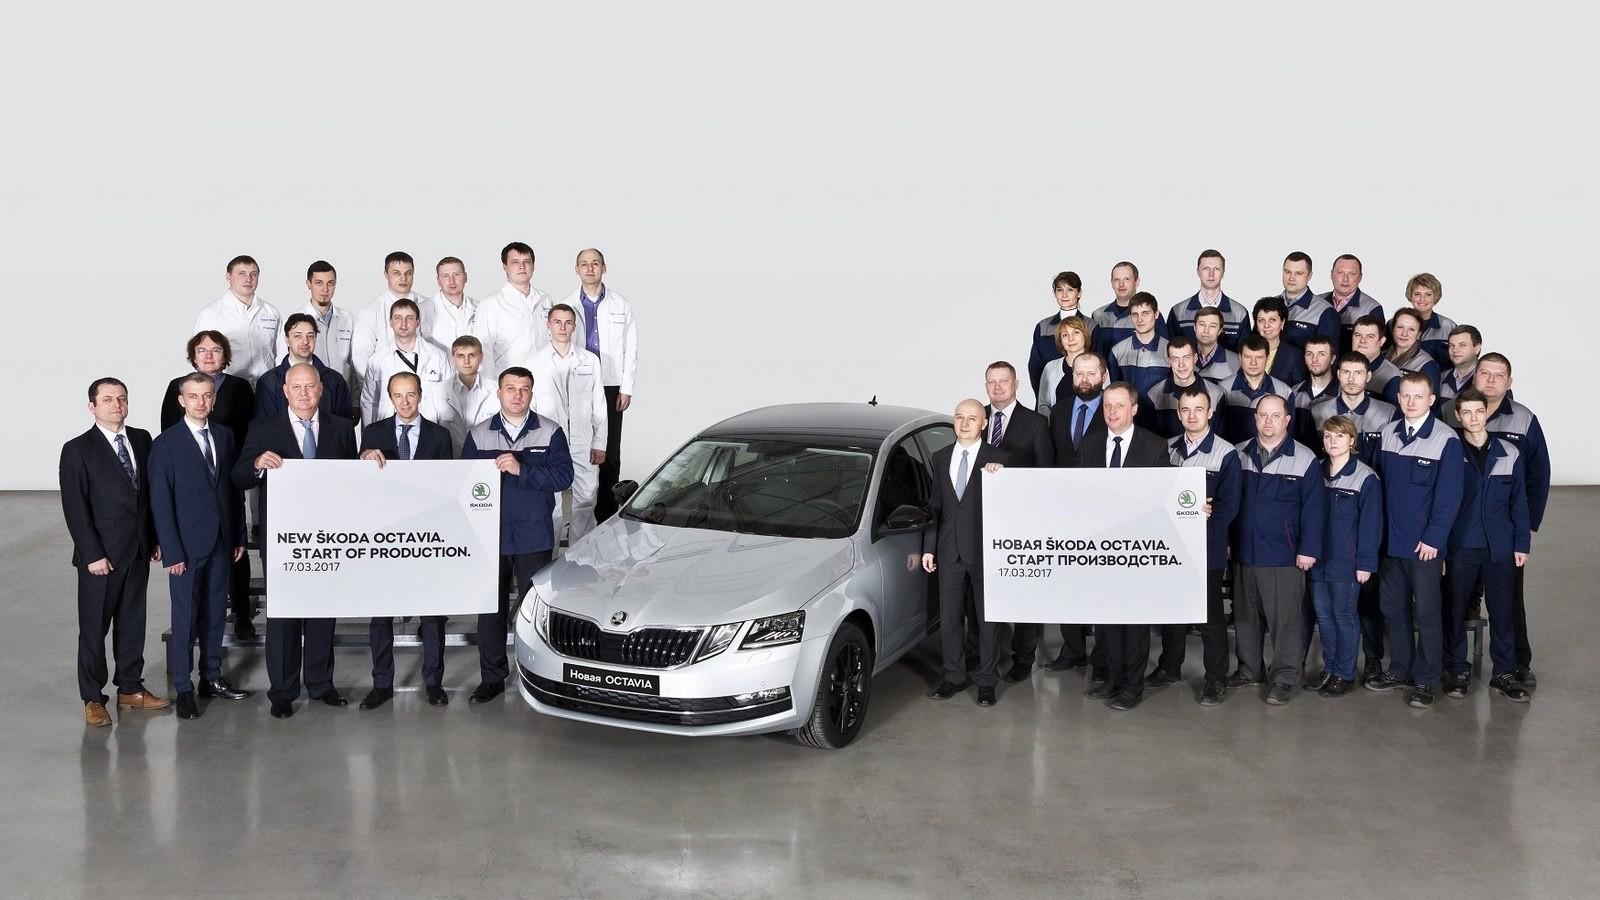 Обновленная Шкода Octavia: старт производства вНижнем Новгороде